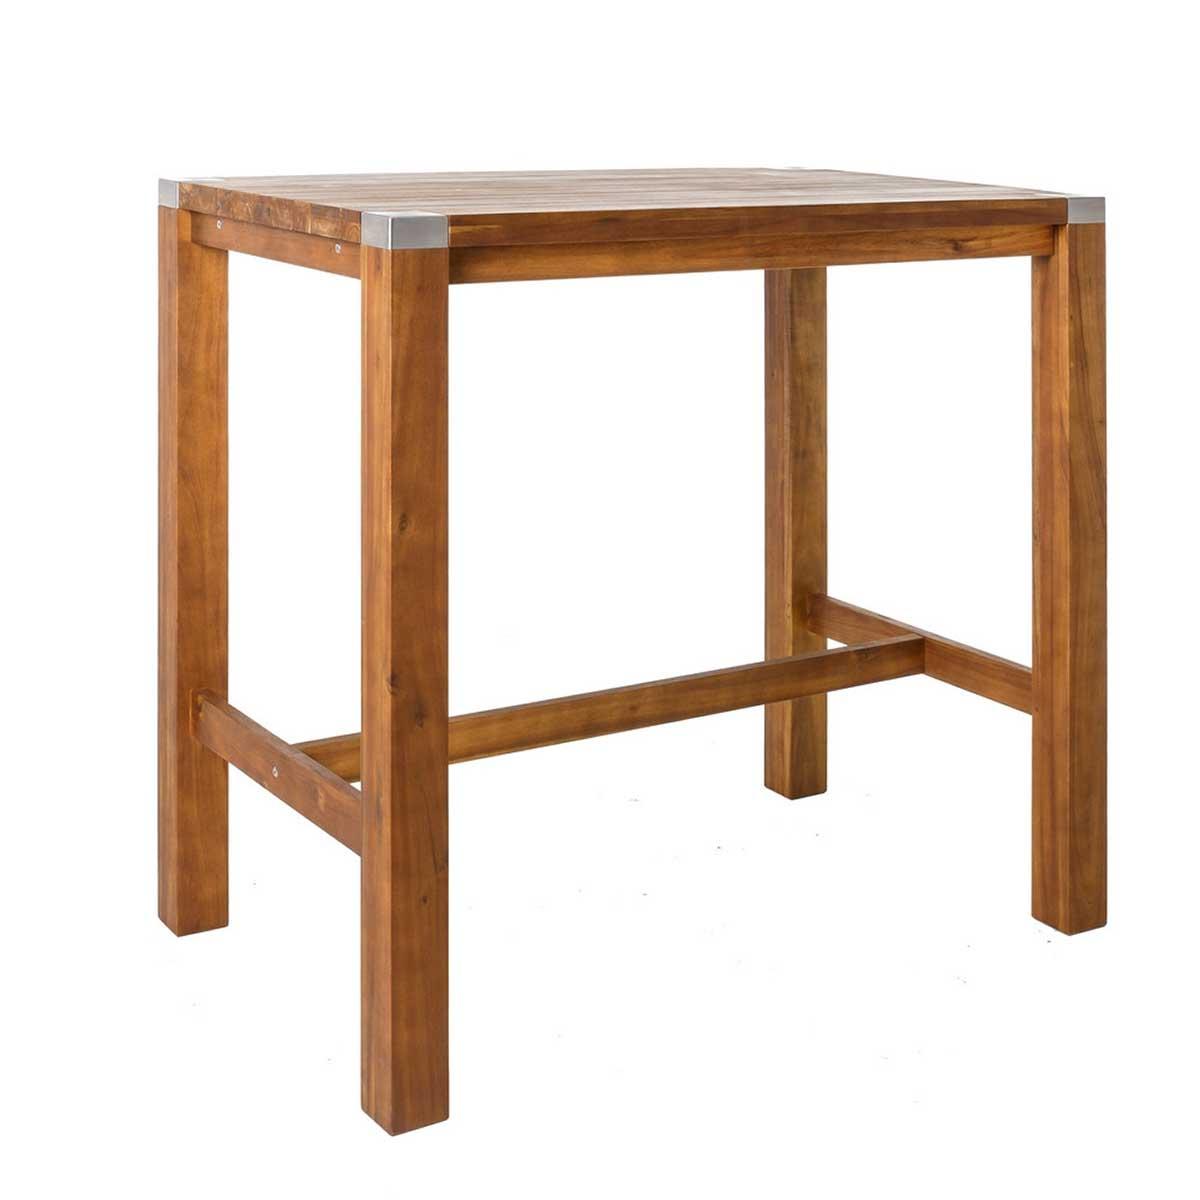 Table haute en bois et acier inoxydable - Naturel - 120.00 cm x 75.00 cm x 110.00 cm